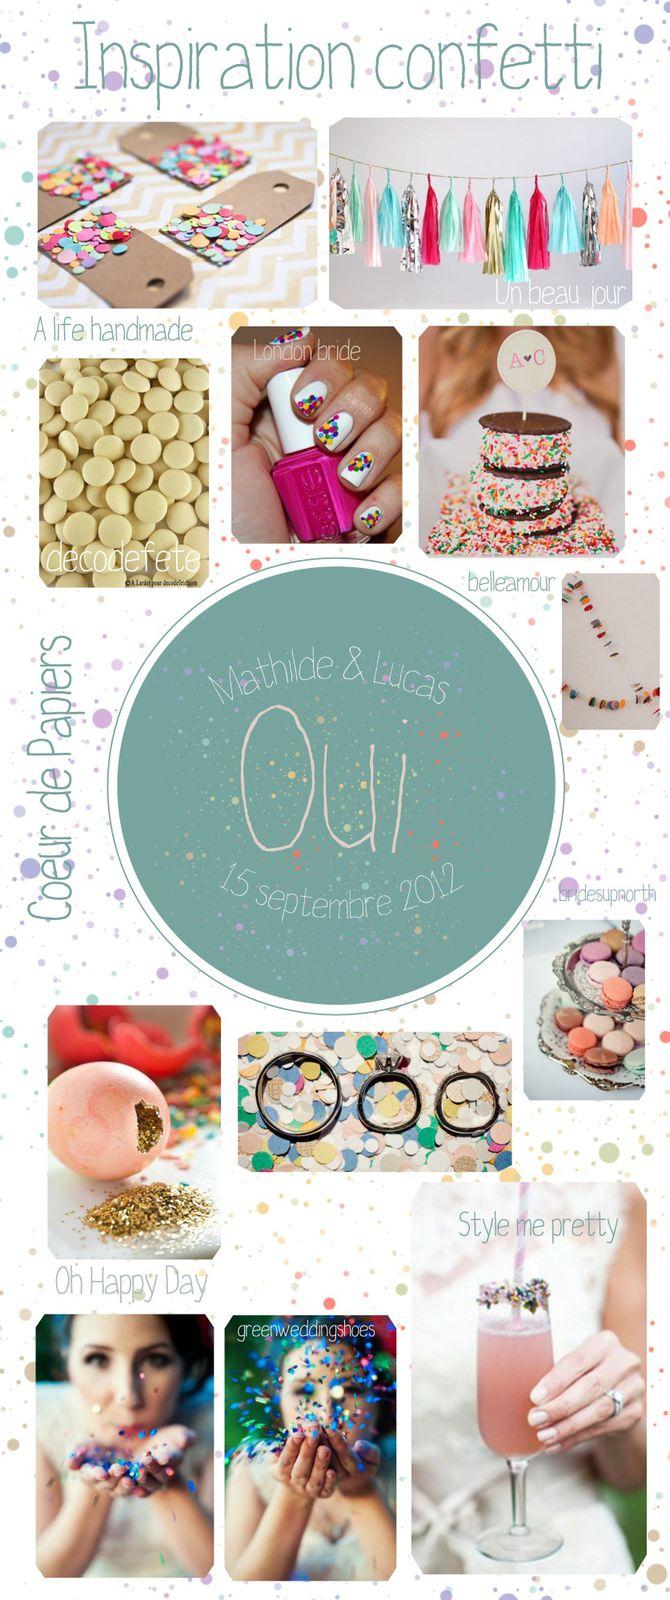 Planche-d-inspiration-mariage-confetti-multicolors-copie-1.jpg